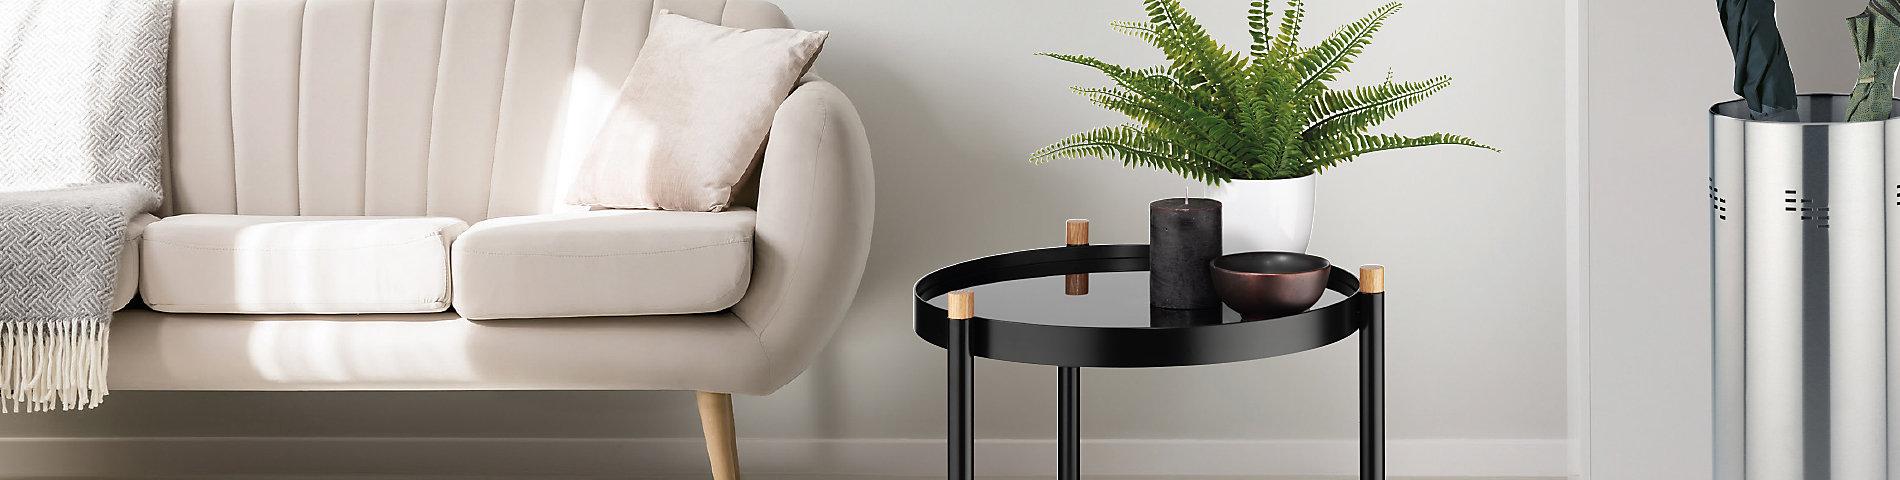 Sitzhocker, Regale und mehr - schöne Wohnaccessoires von Kela